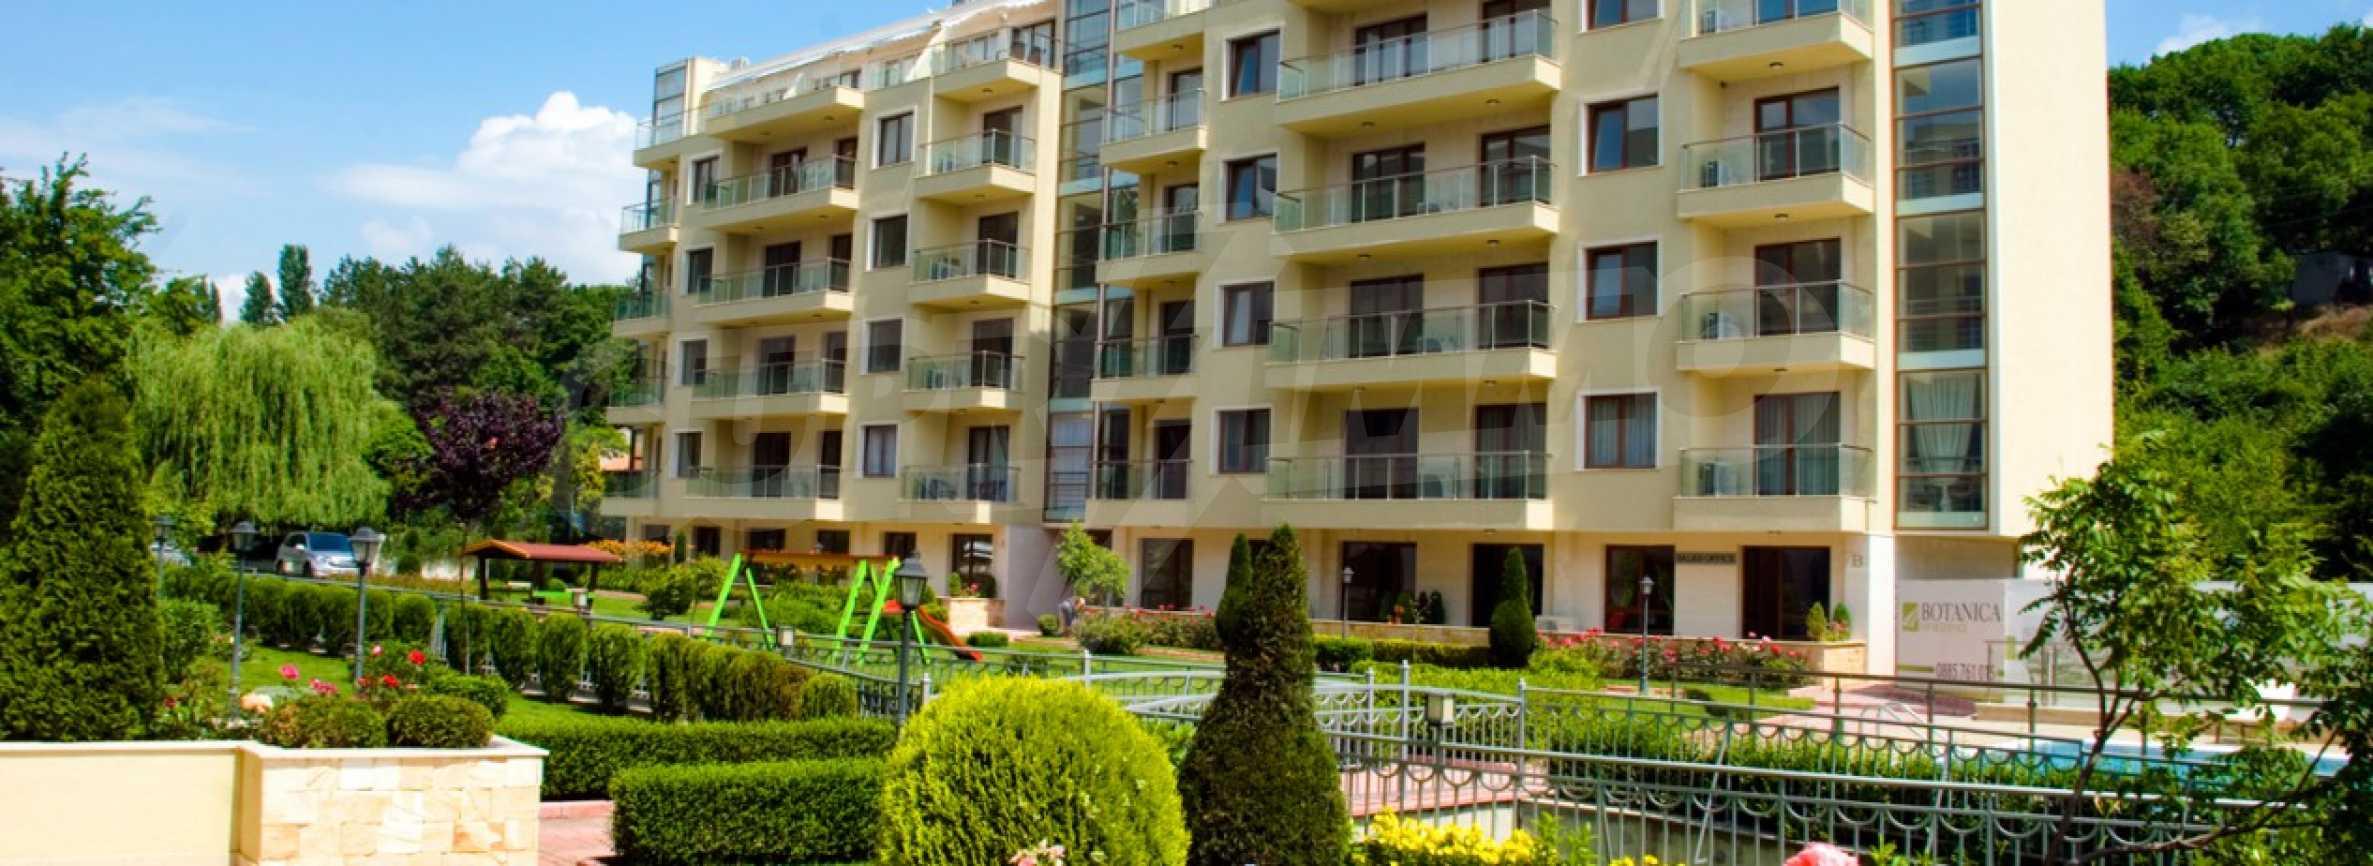 Апартаменти до ключ в комплекс до Ботаническата градина и Св. Константин и Елена 4